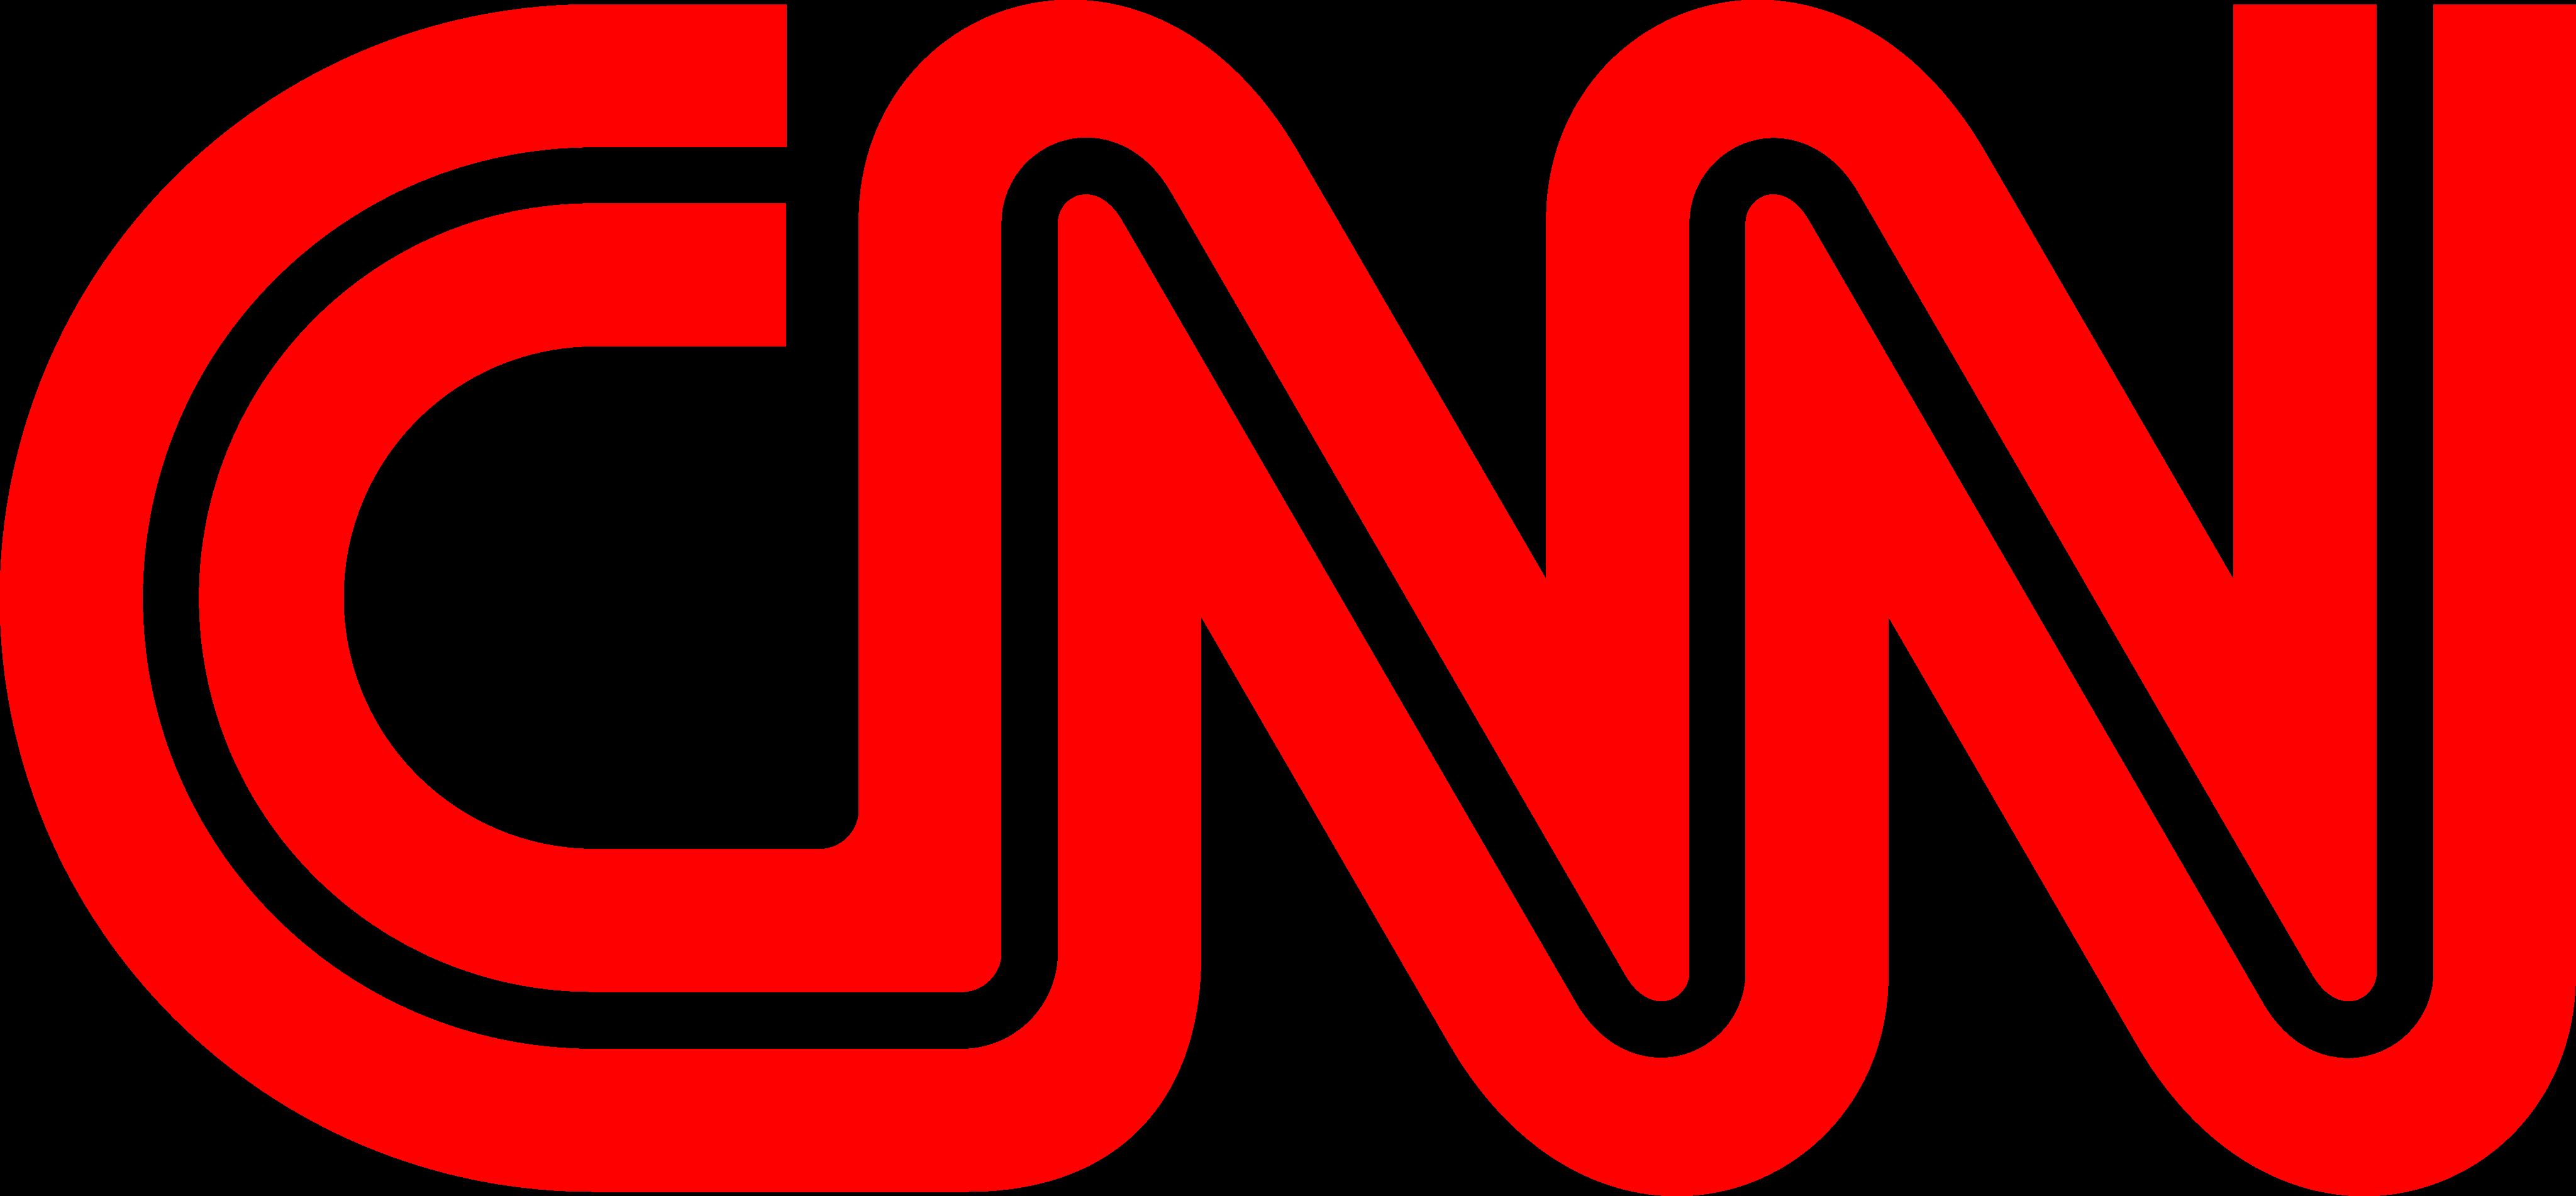 cnn logo 1 1 - CNN Logo